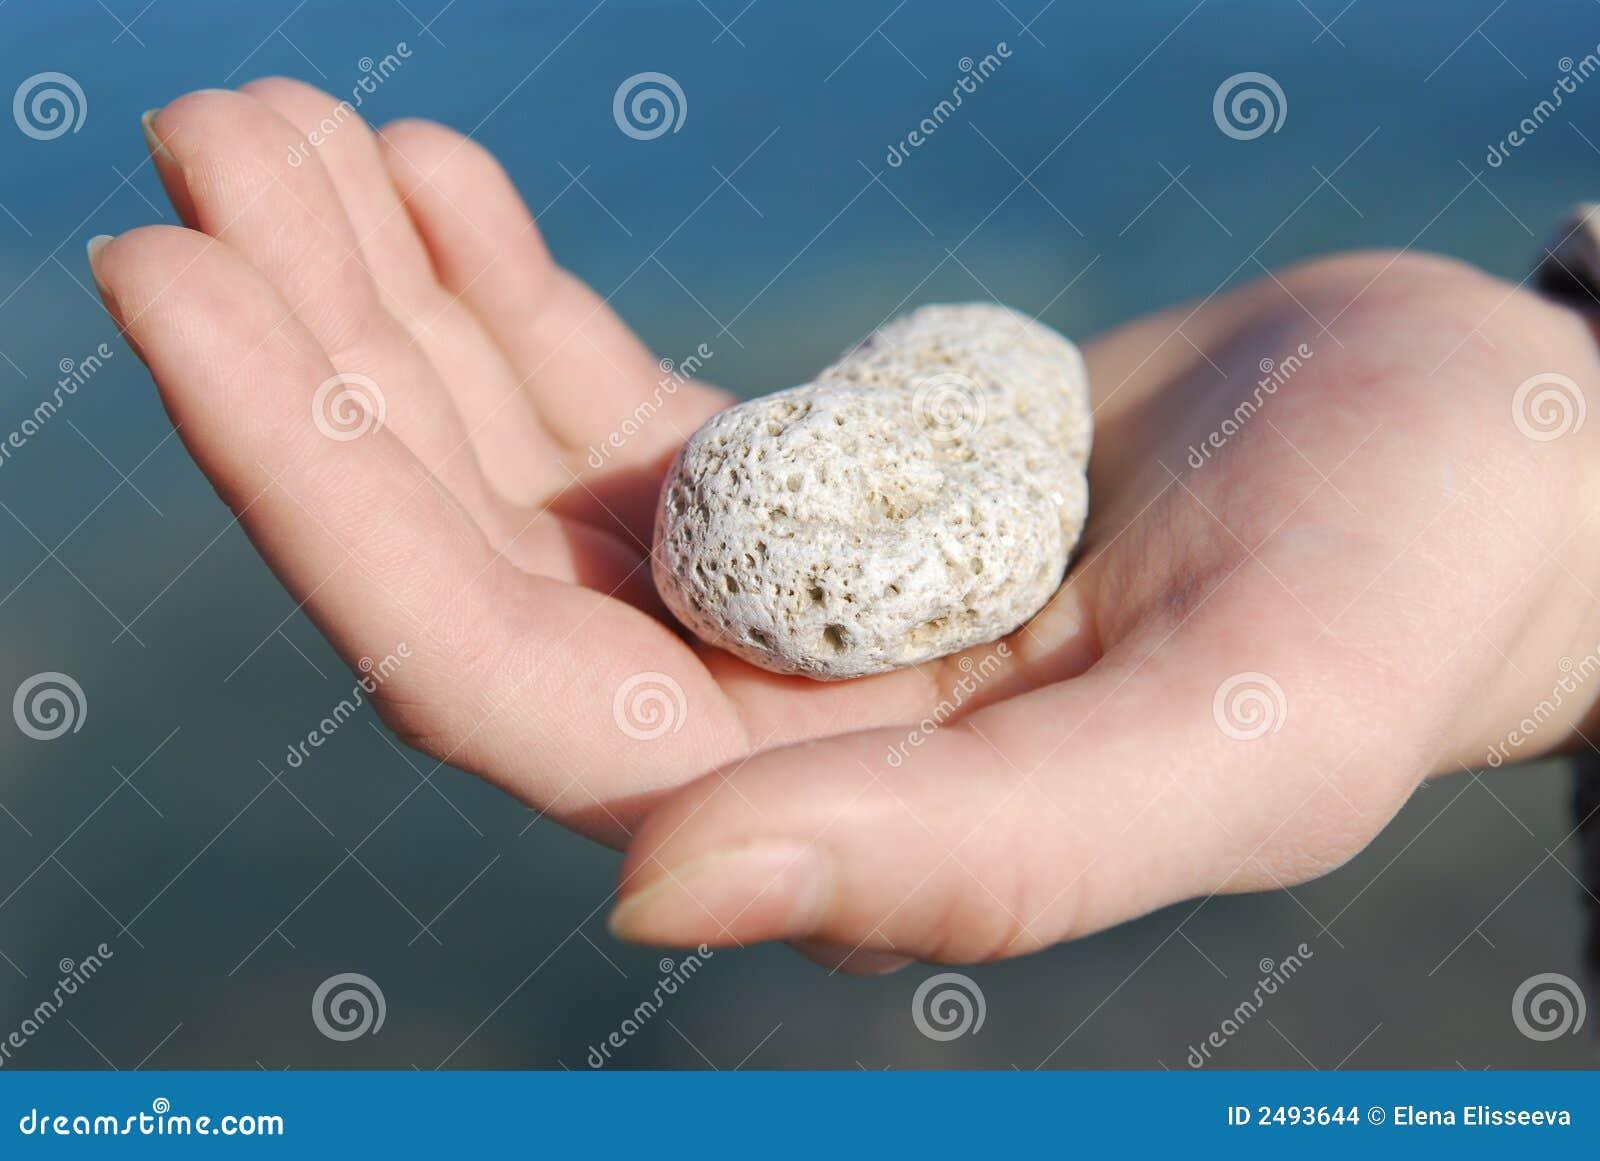 Main avec la pierre